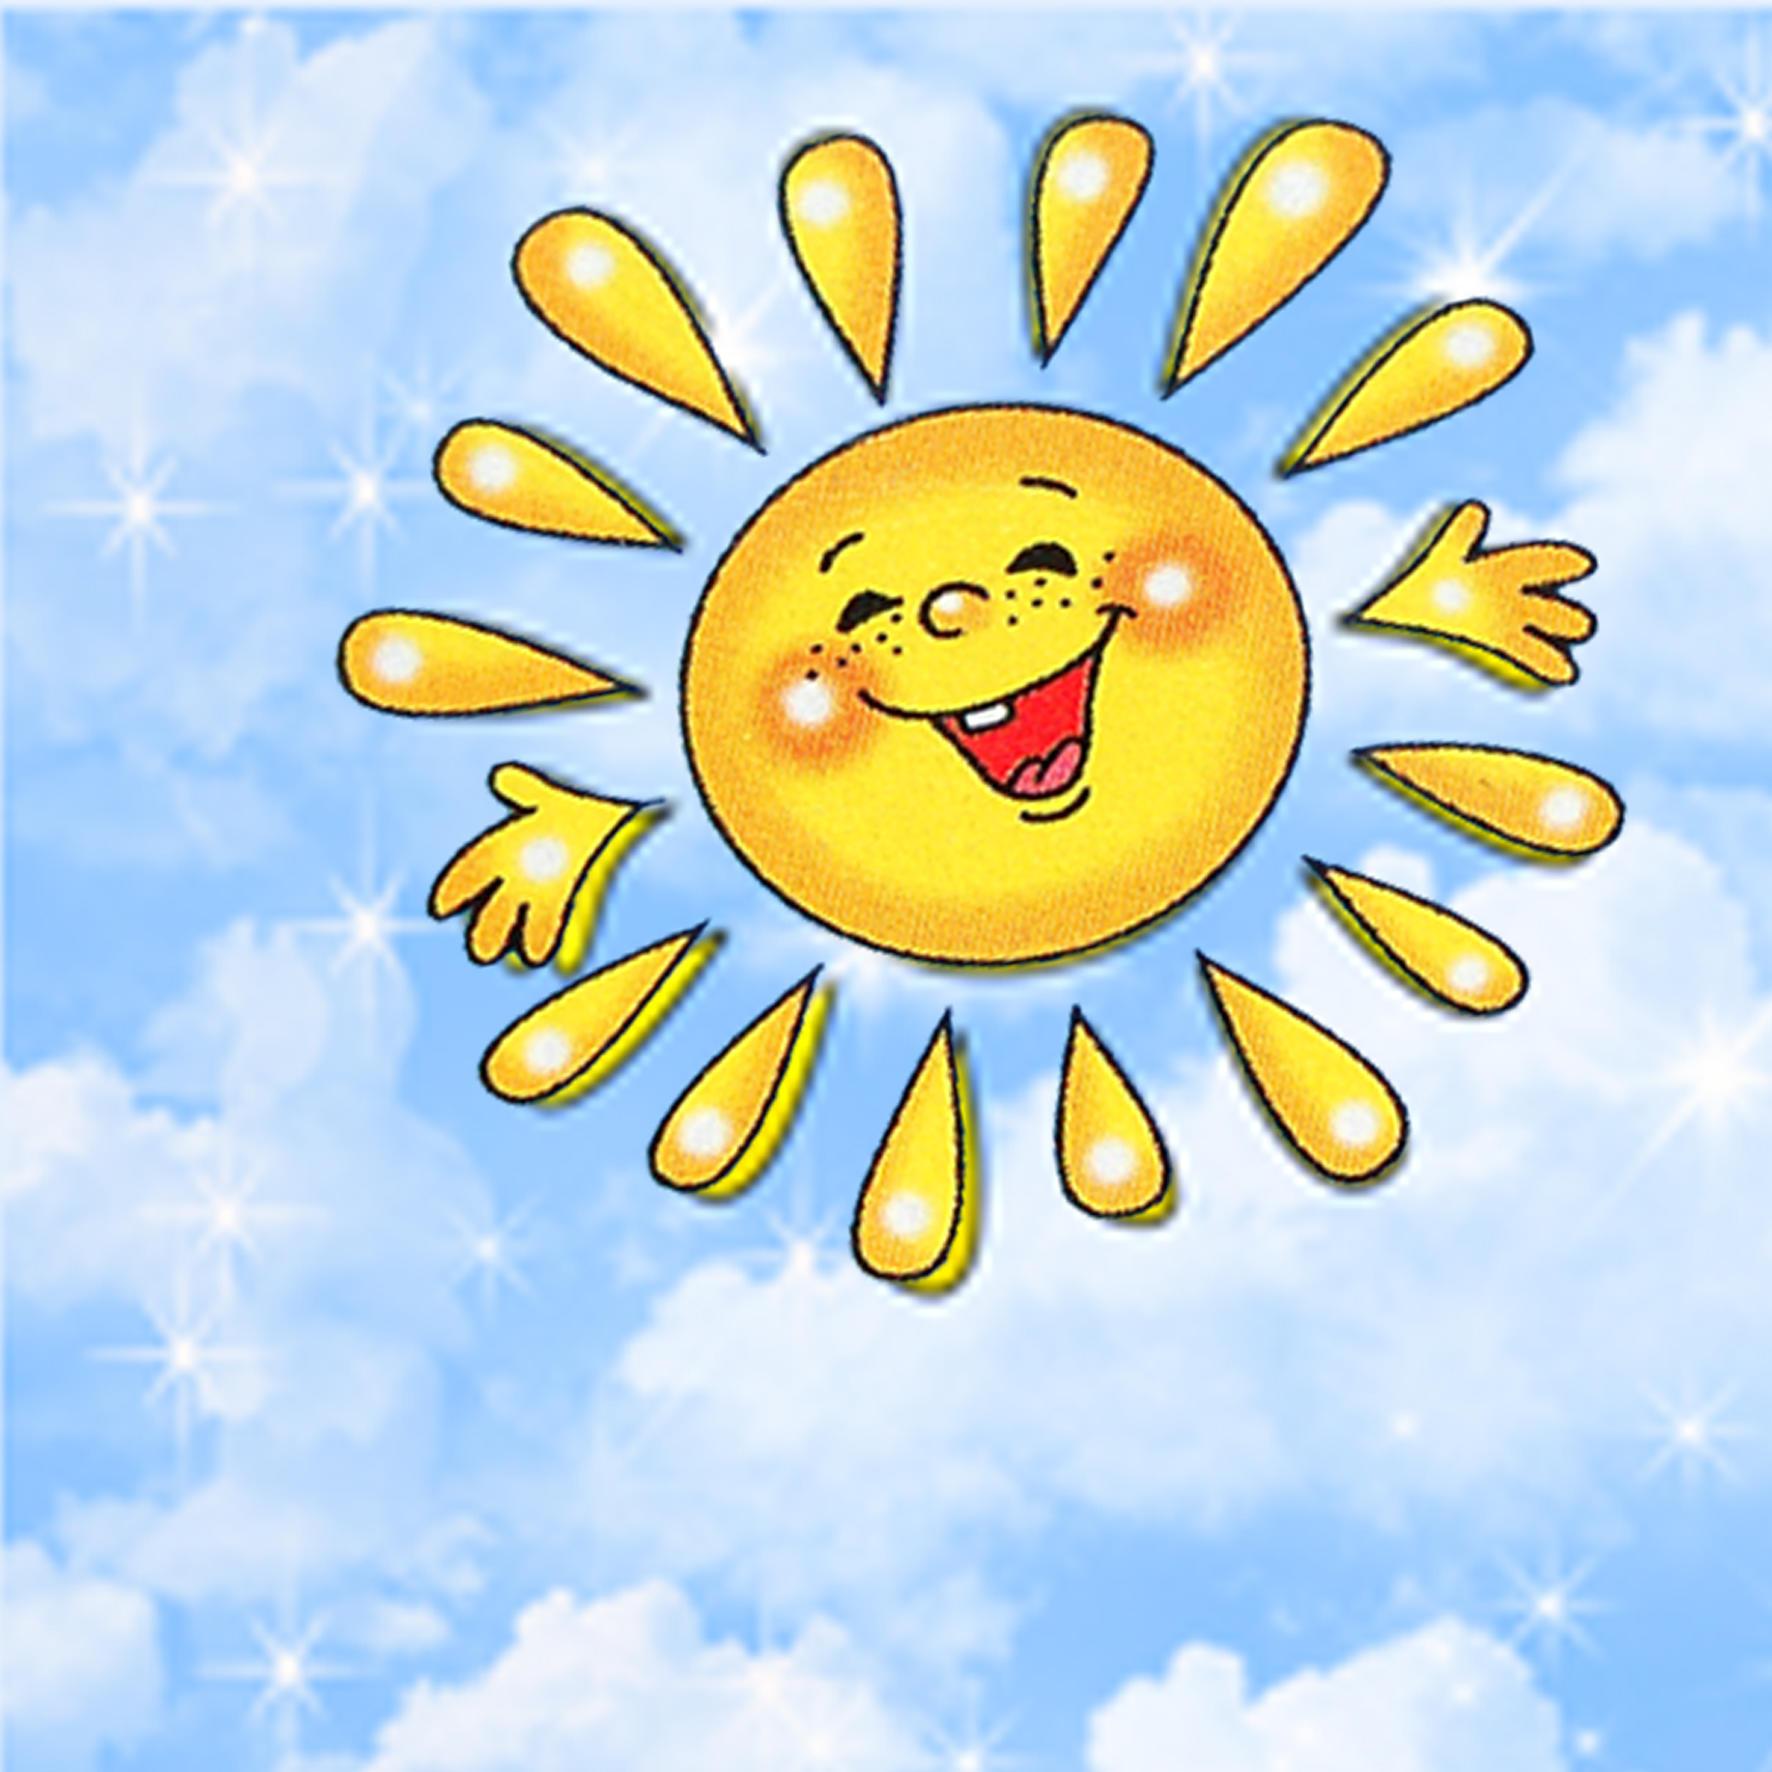 Открытка с солнышком позитив, днем